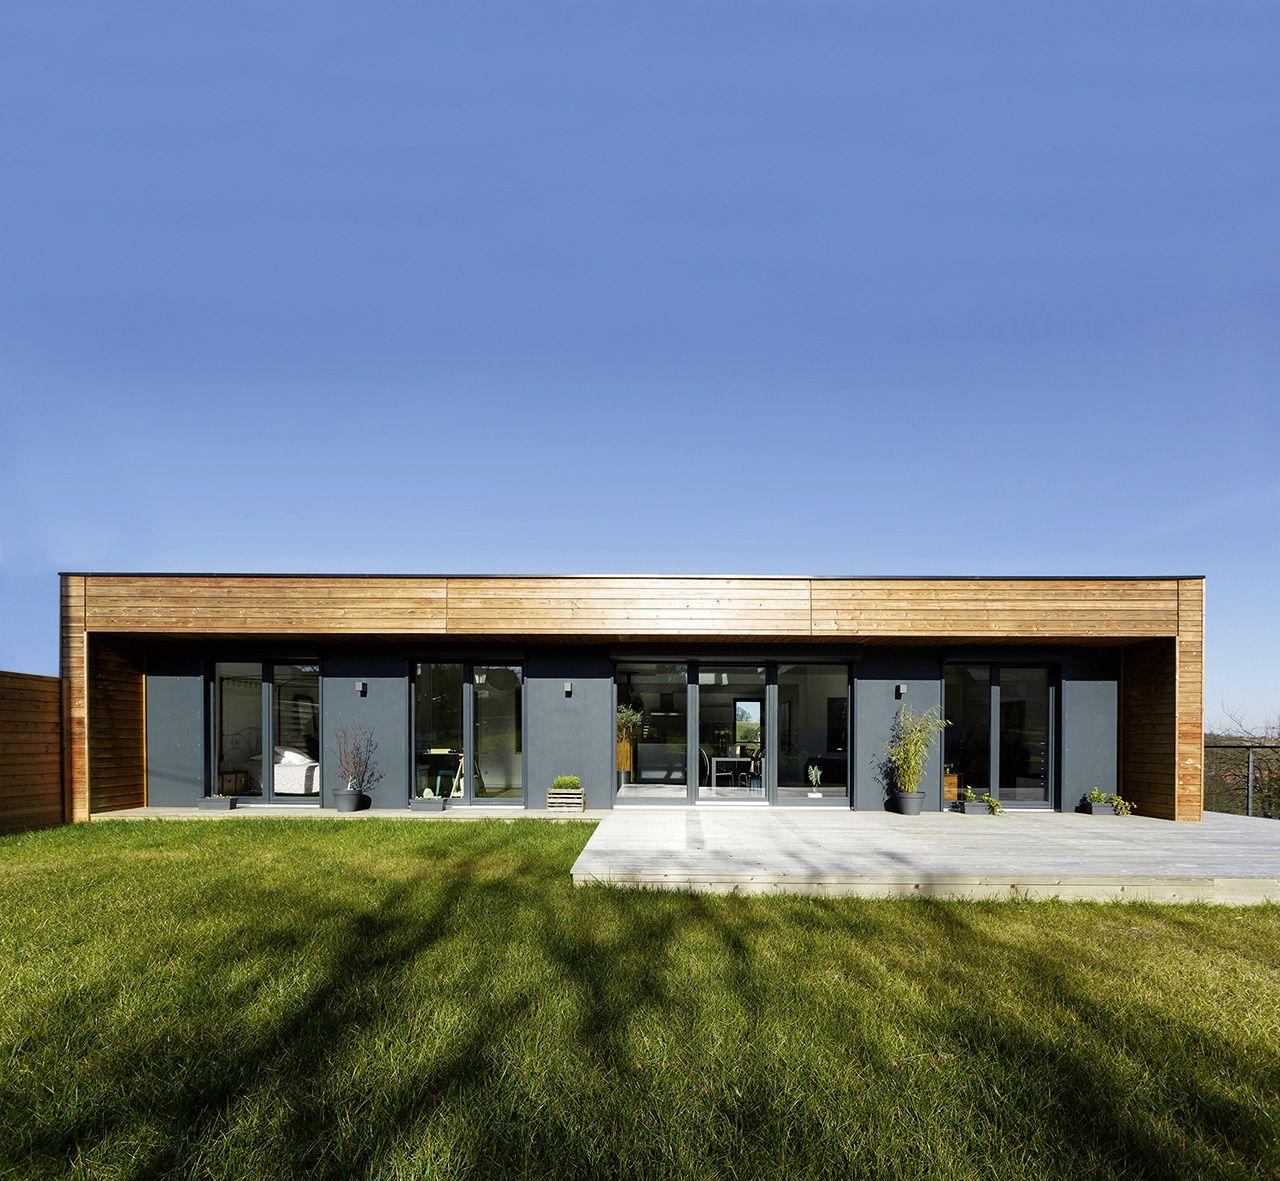 Www Booa Fr Constructeur Archi Design Maisons Ossature Bois 100 Modulables Fabrication Francai Maison Ossature Bois Constructeur Maison Construction Maison